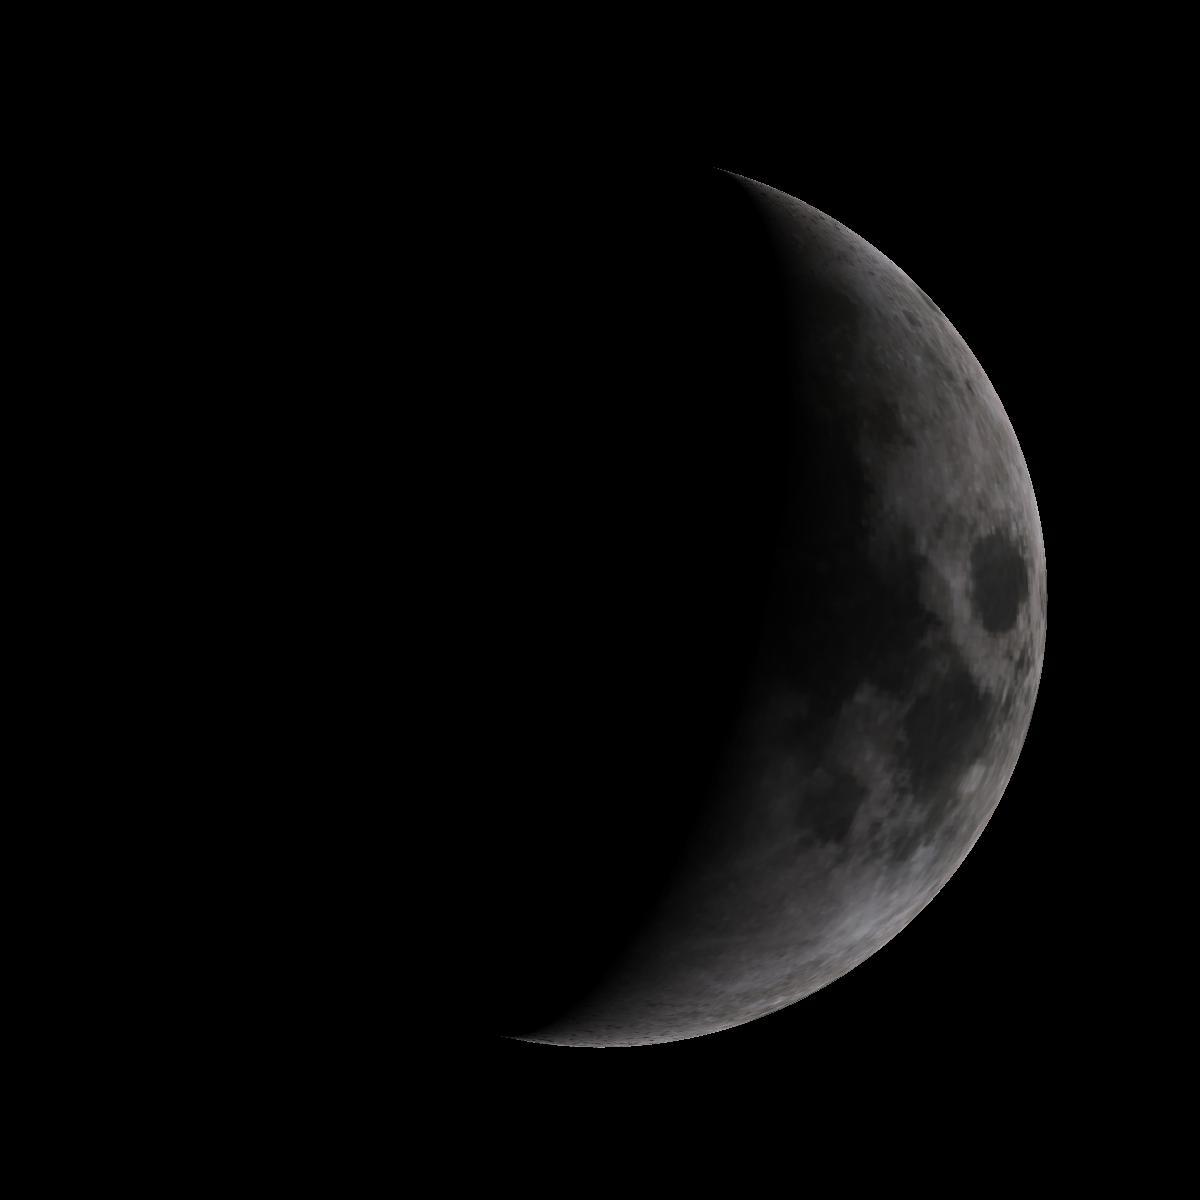 Lune du 1er mars 2020